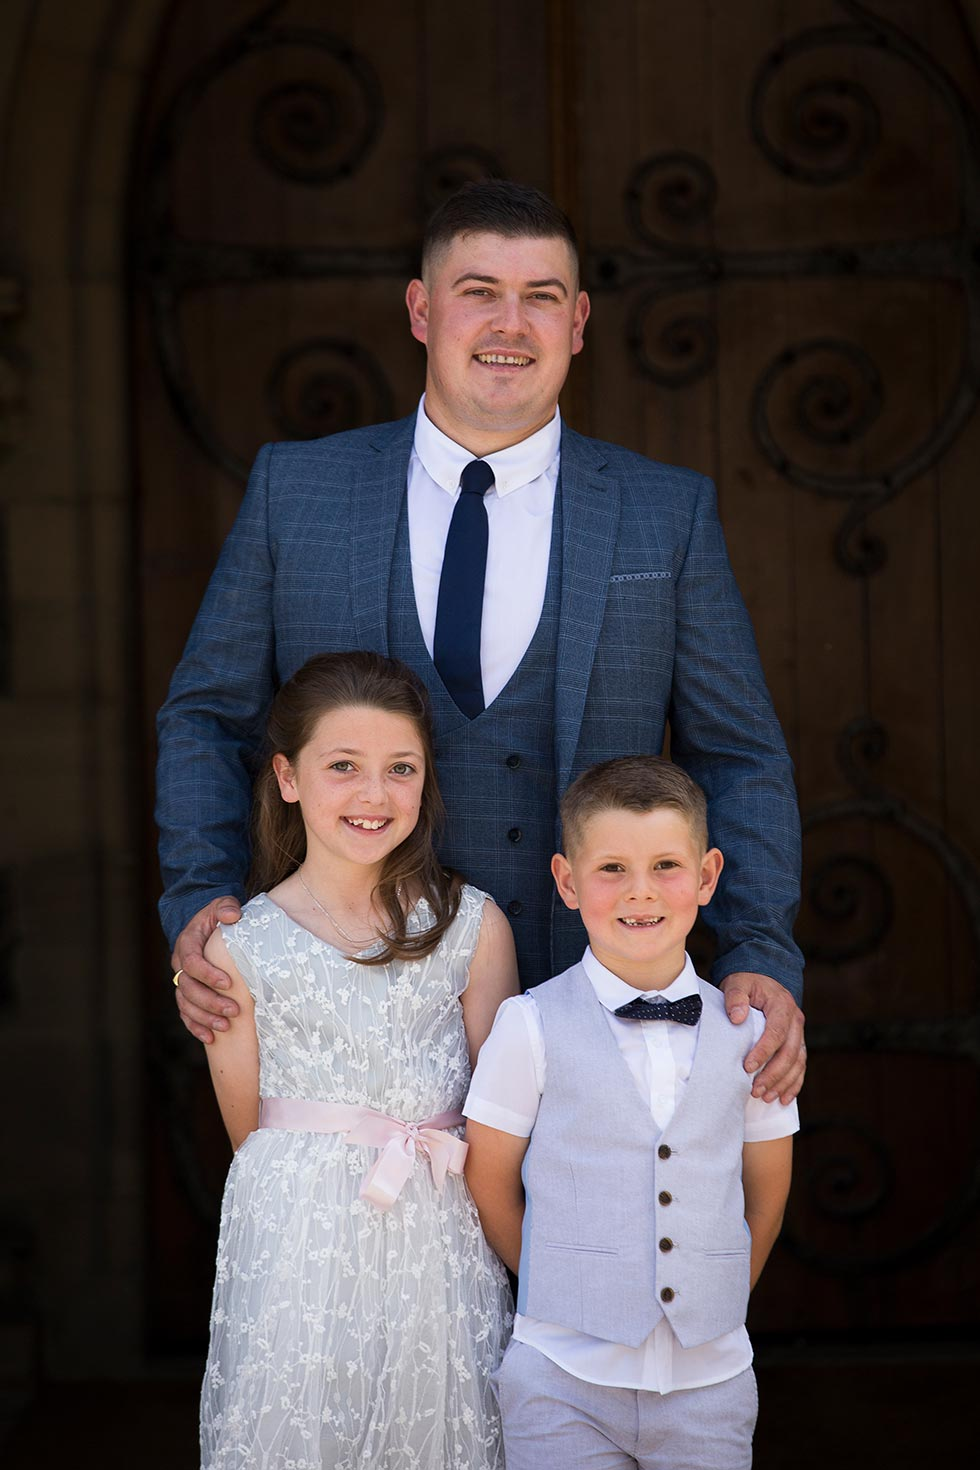 renweing wedding vows north wales